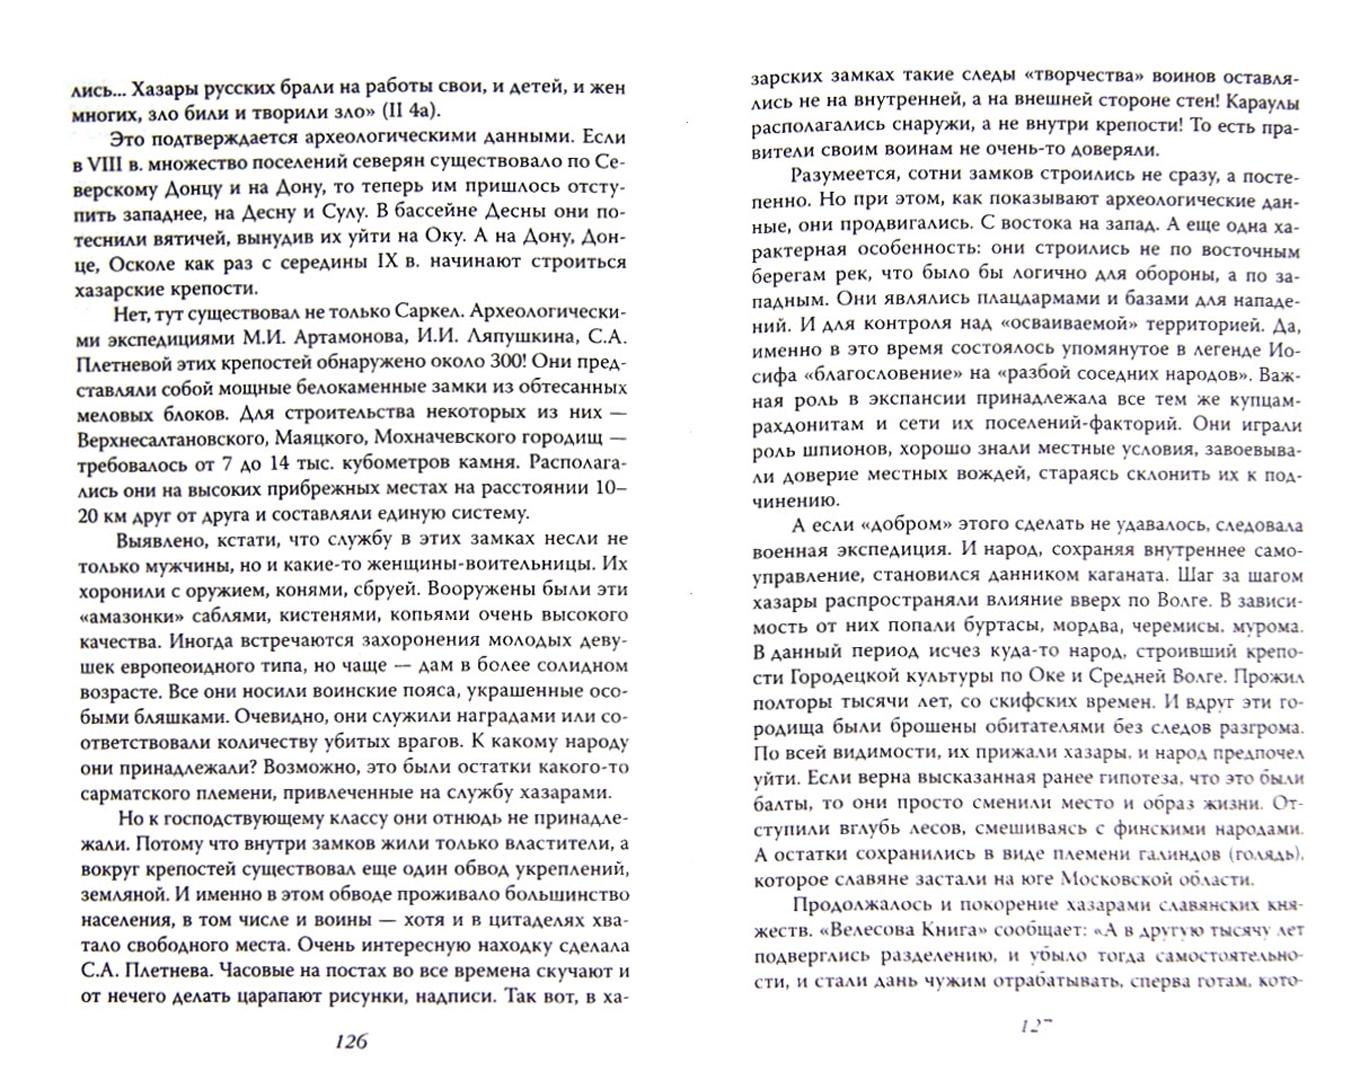 Иллюстрация 1 из 7 для Разгром Хазарии и другие войны Святослава Храброго - Валерий Шамбаров   Лабиринт - книги. Источник: Лабиринт